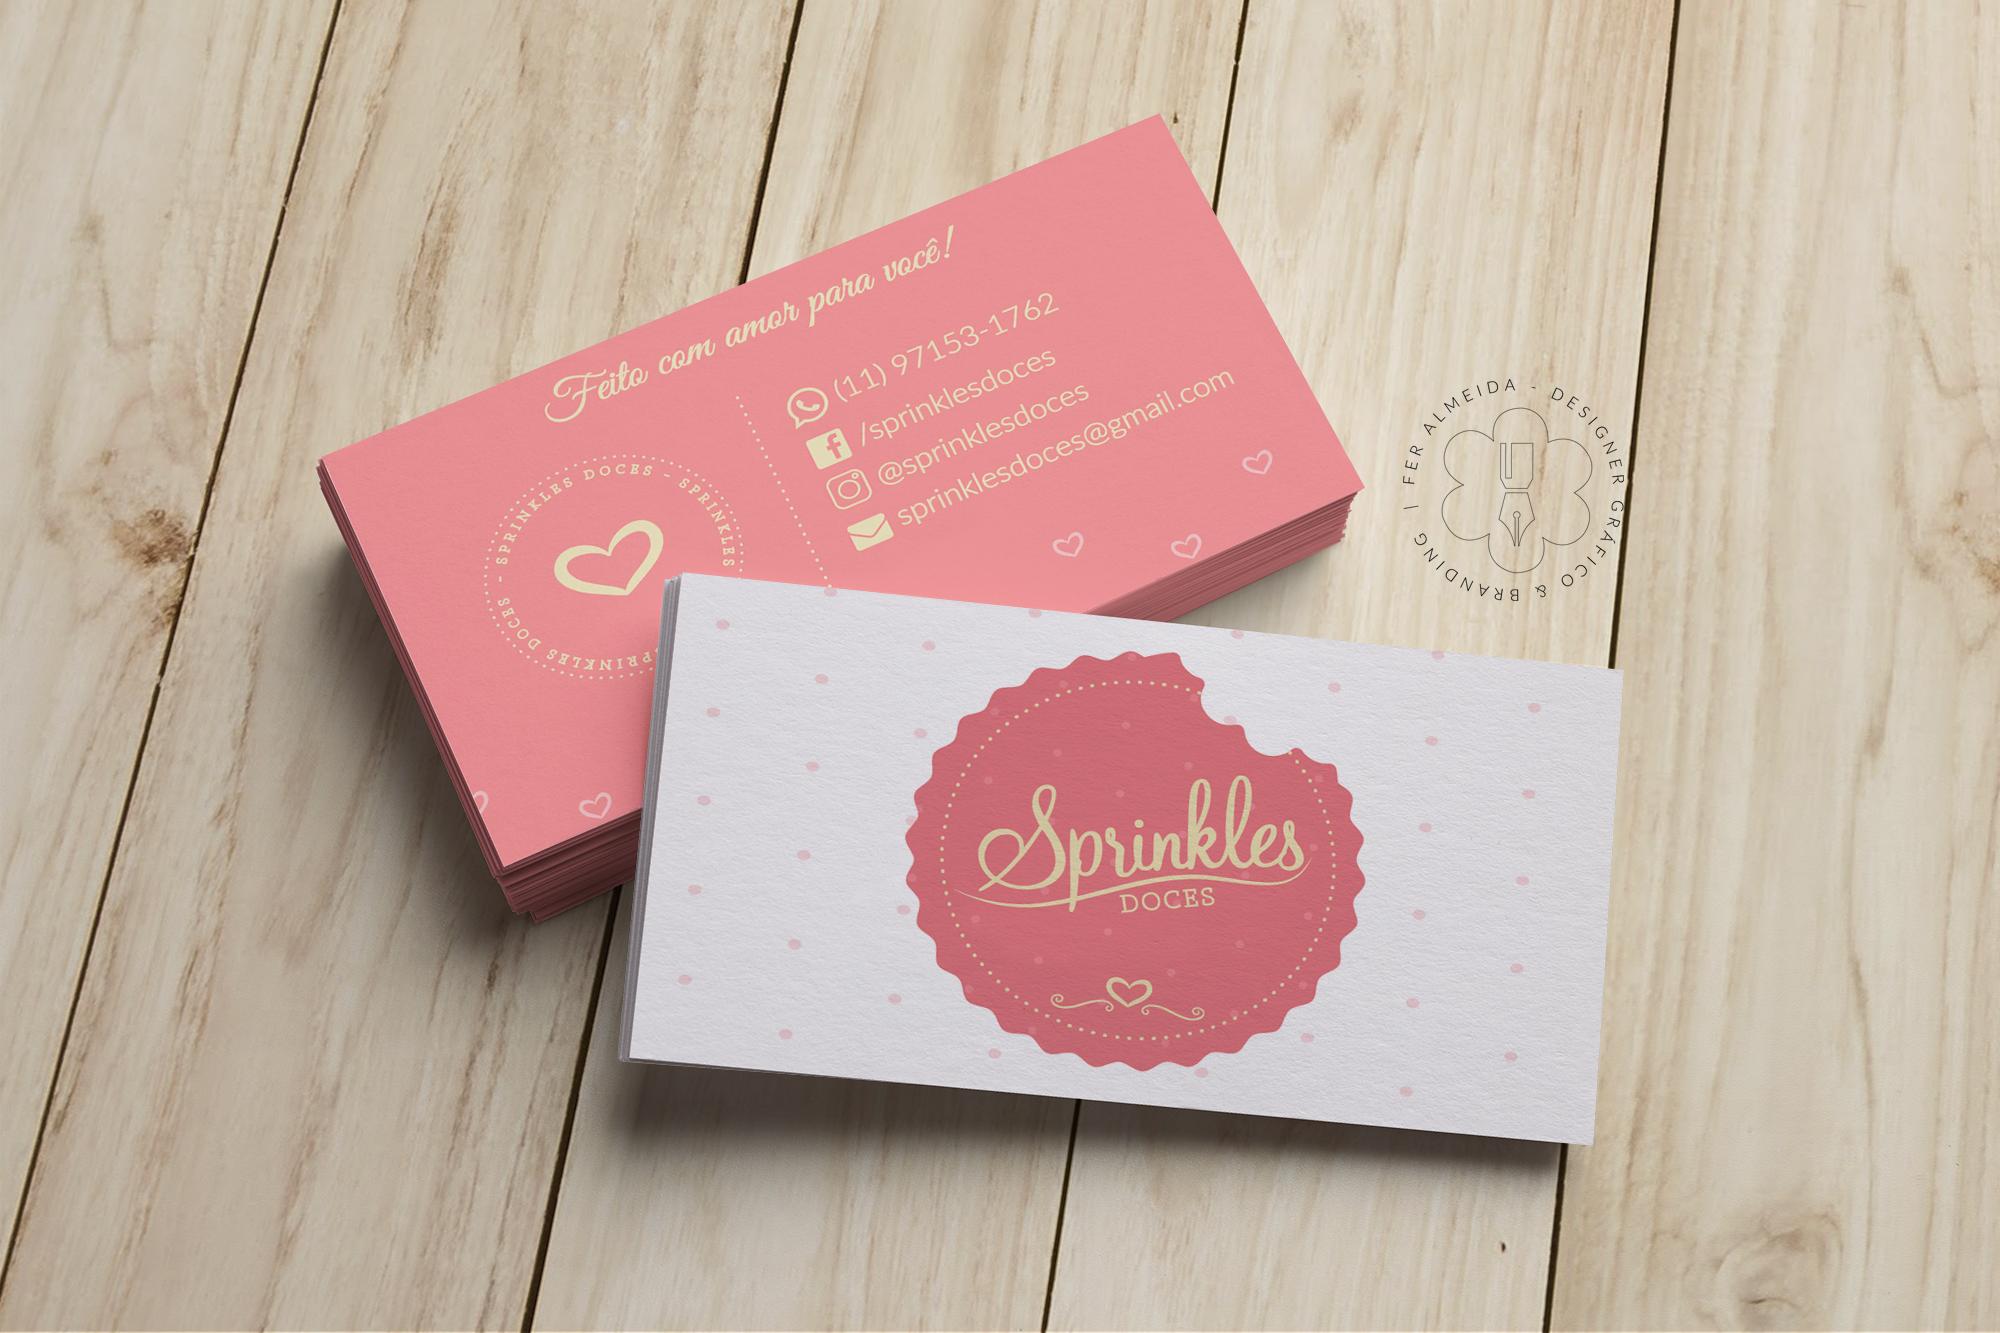 Cartão de Visita Sprinkles Doces